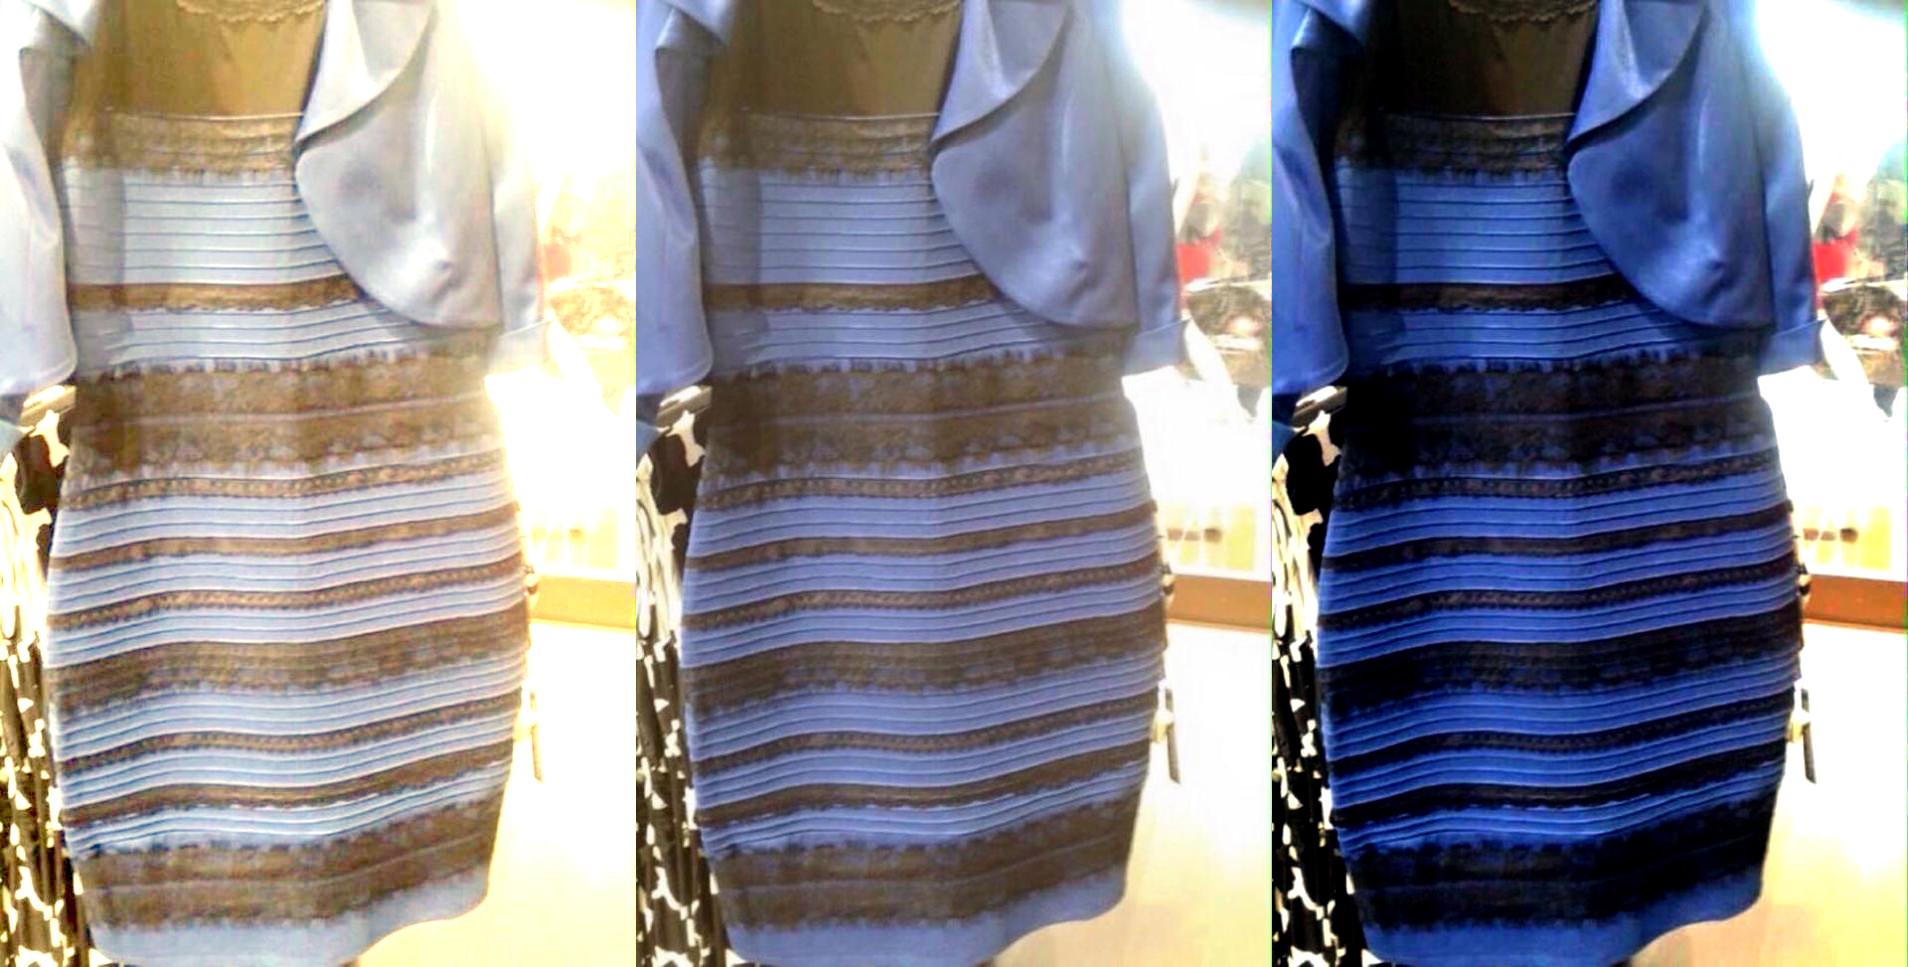 #TheDress, spalvotos suknelės fenomenas, atskleidžia svarbų autizmo bruožą